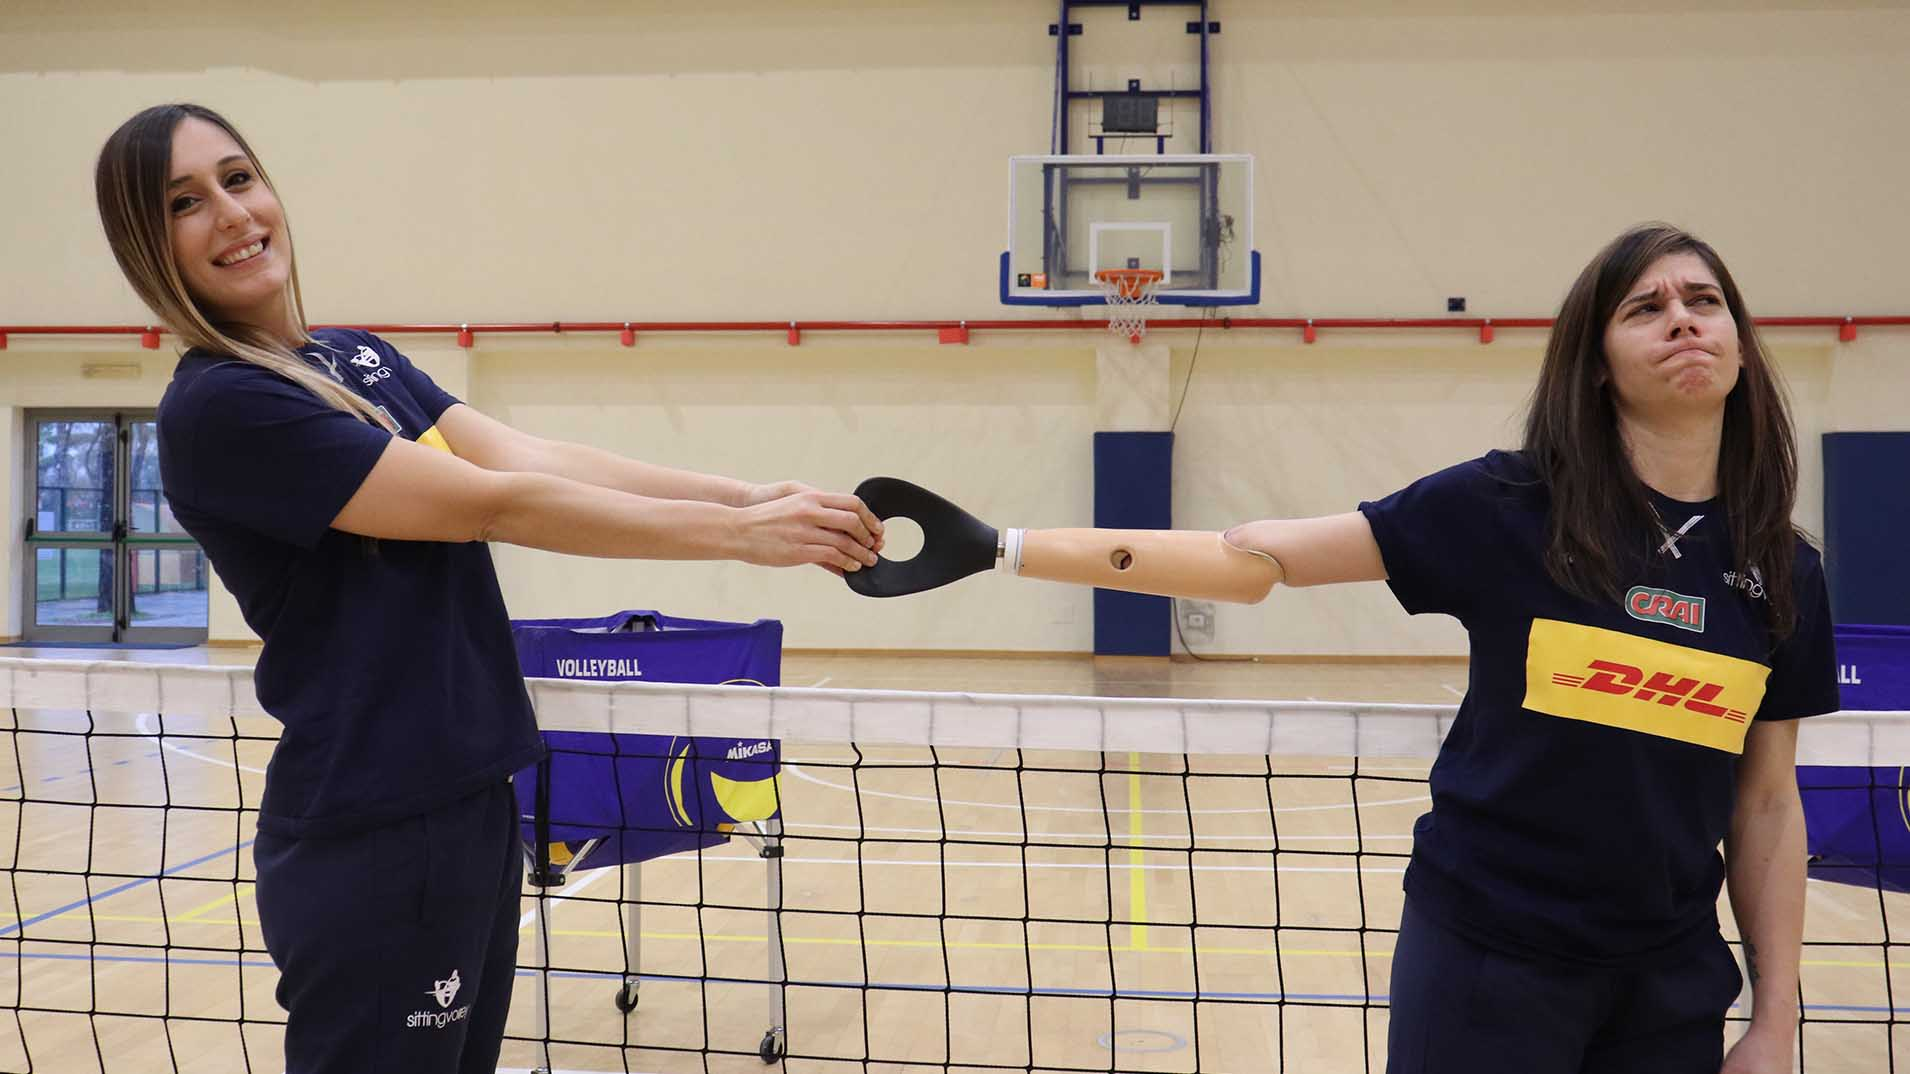 Lo sport oltre ogni ostacolo: Giulia, Silvia e il progetto Appassionarti